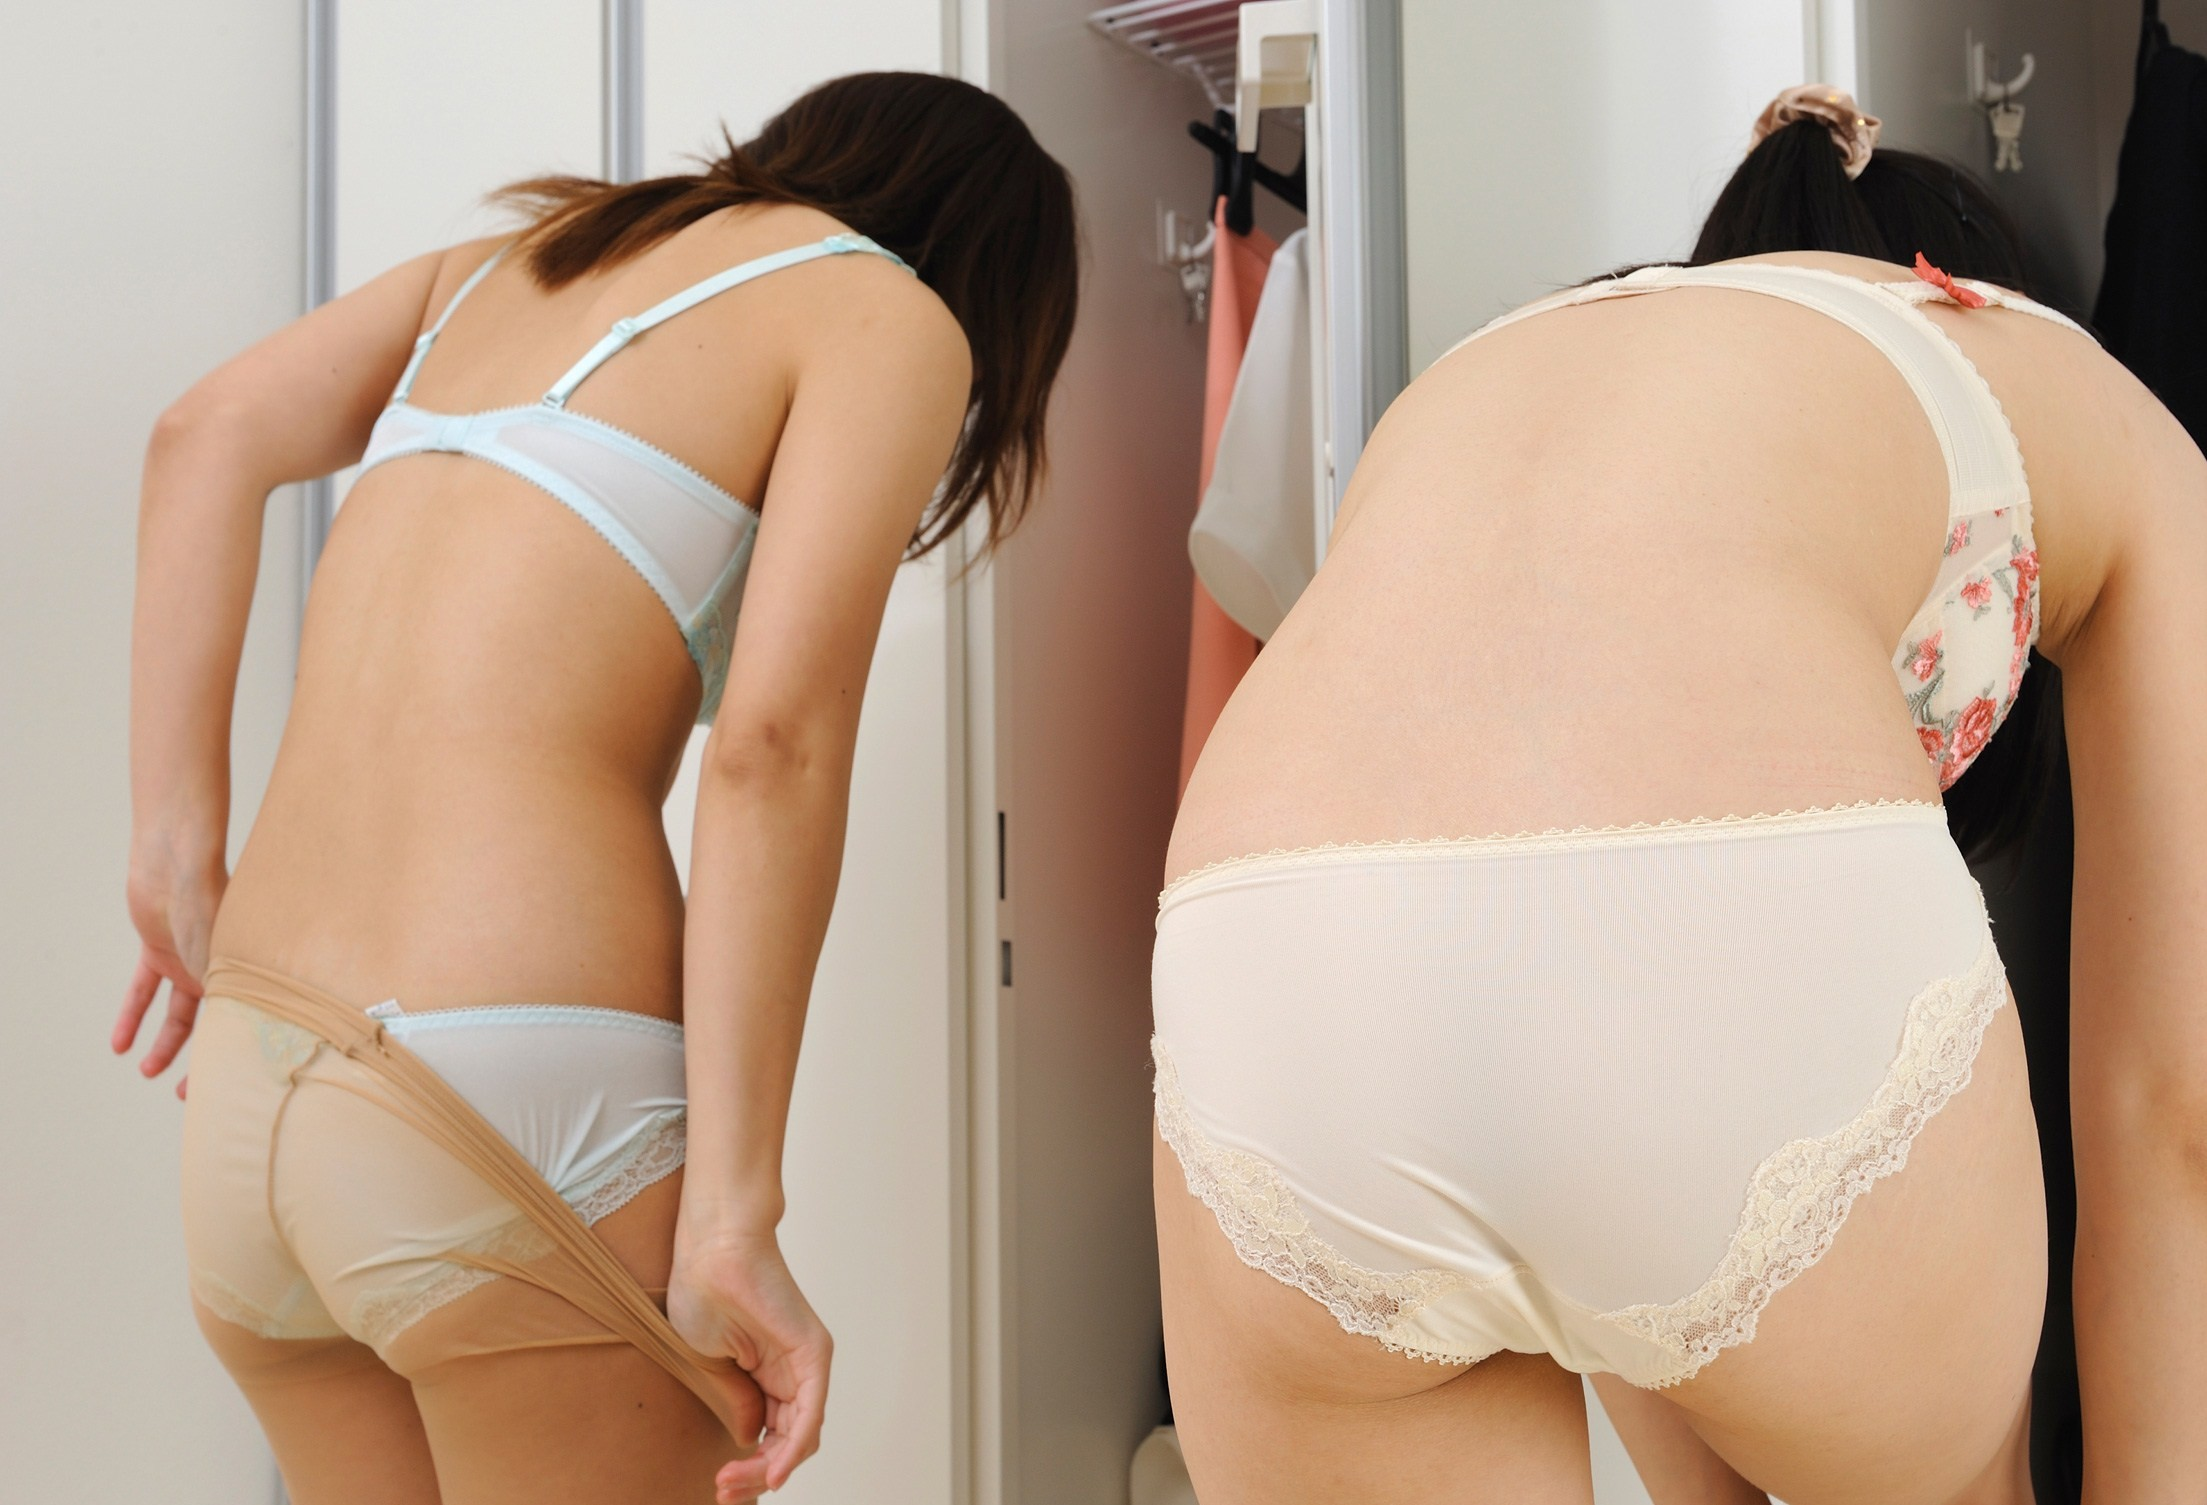 【着替えエロ画像】全裸になる人は夜の予定が…雌臭撒きながら更衣室で着替えwww 08